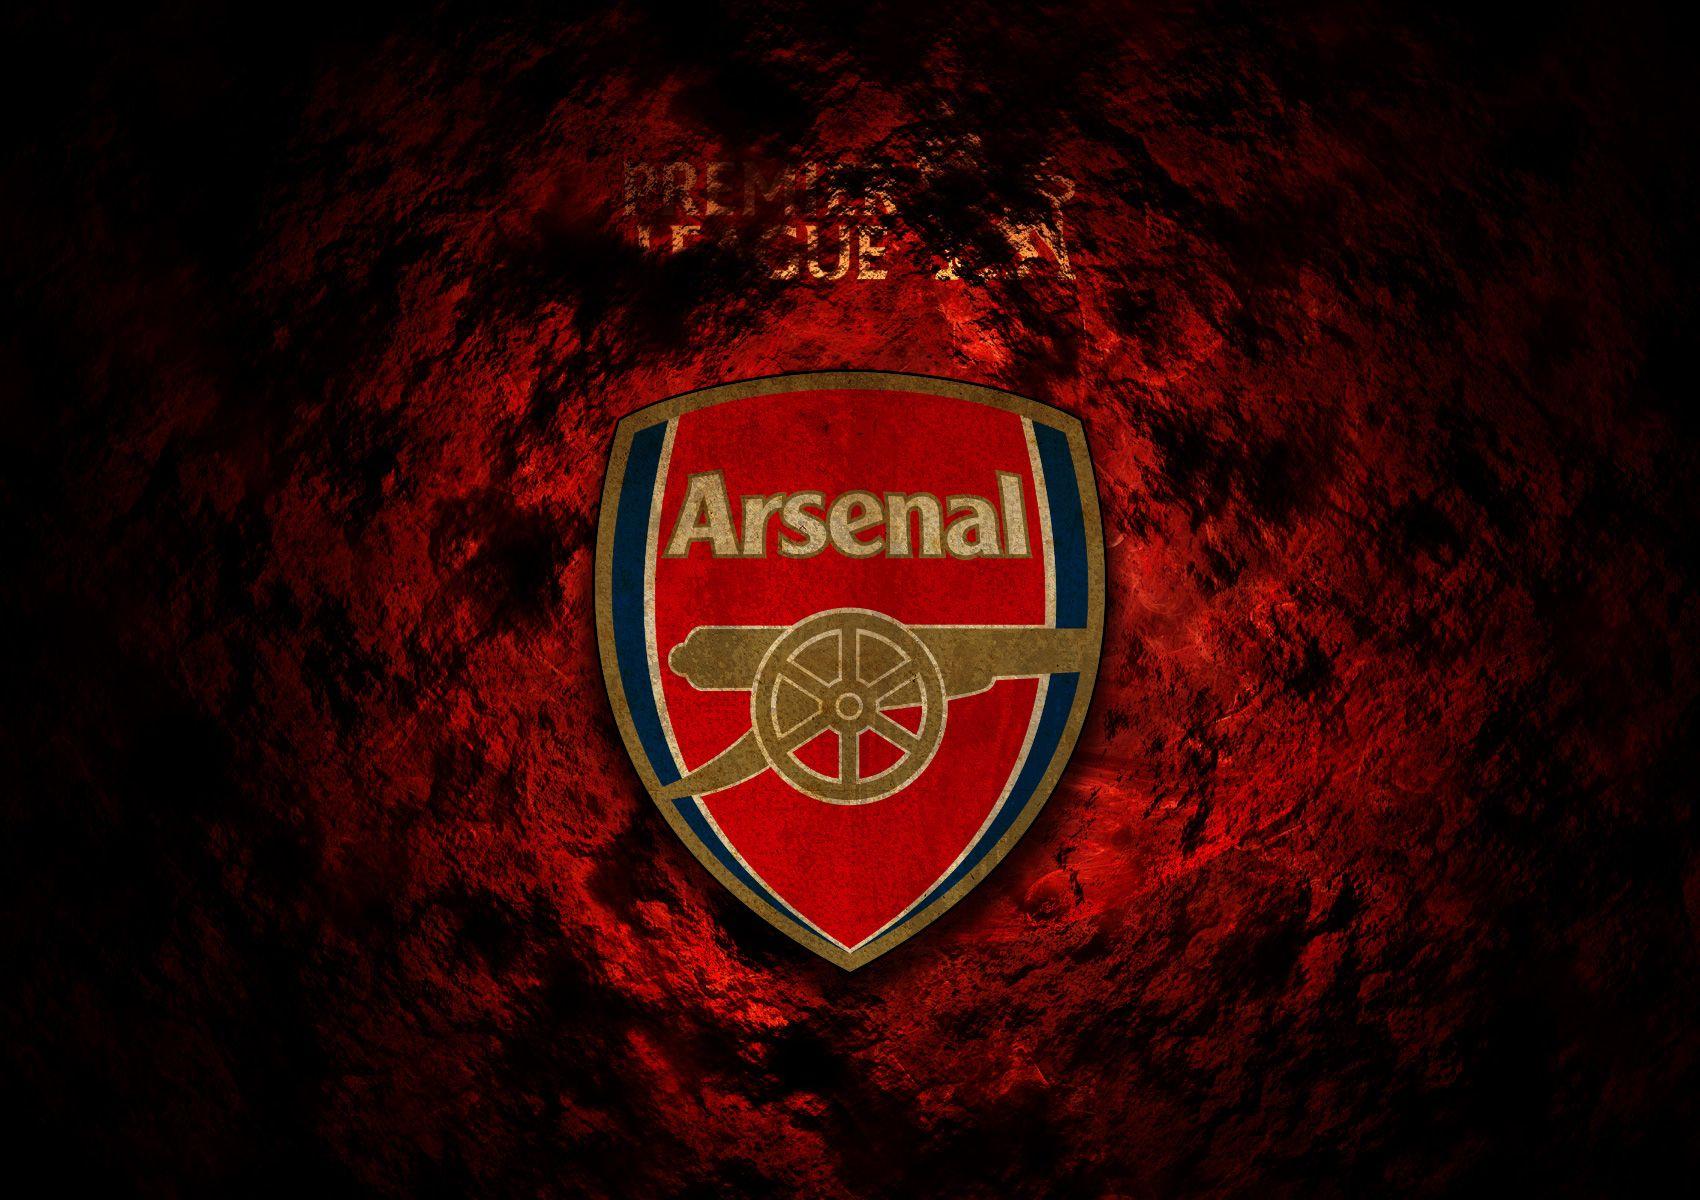 Arsenal Fire Logo hd wallpaper in Sports 1700x1200